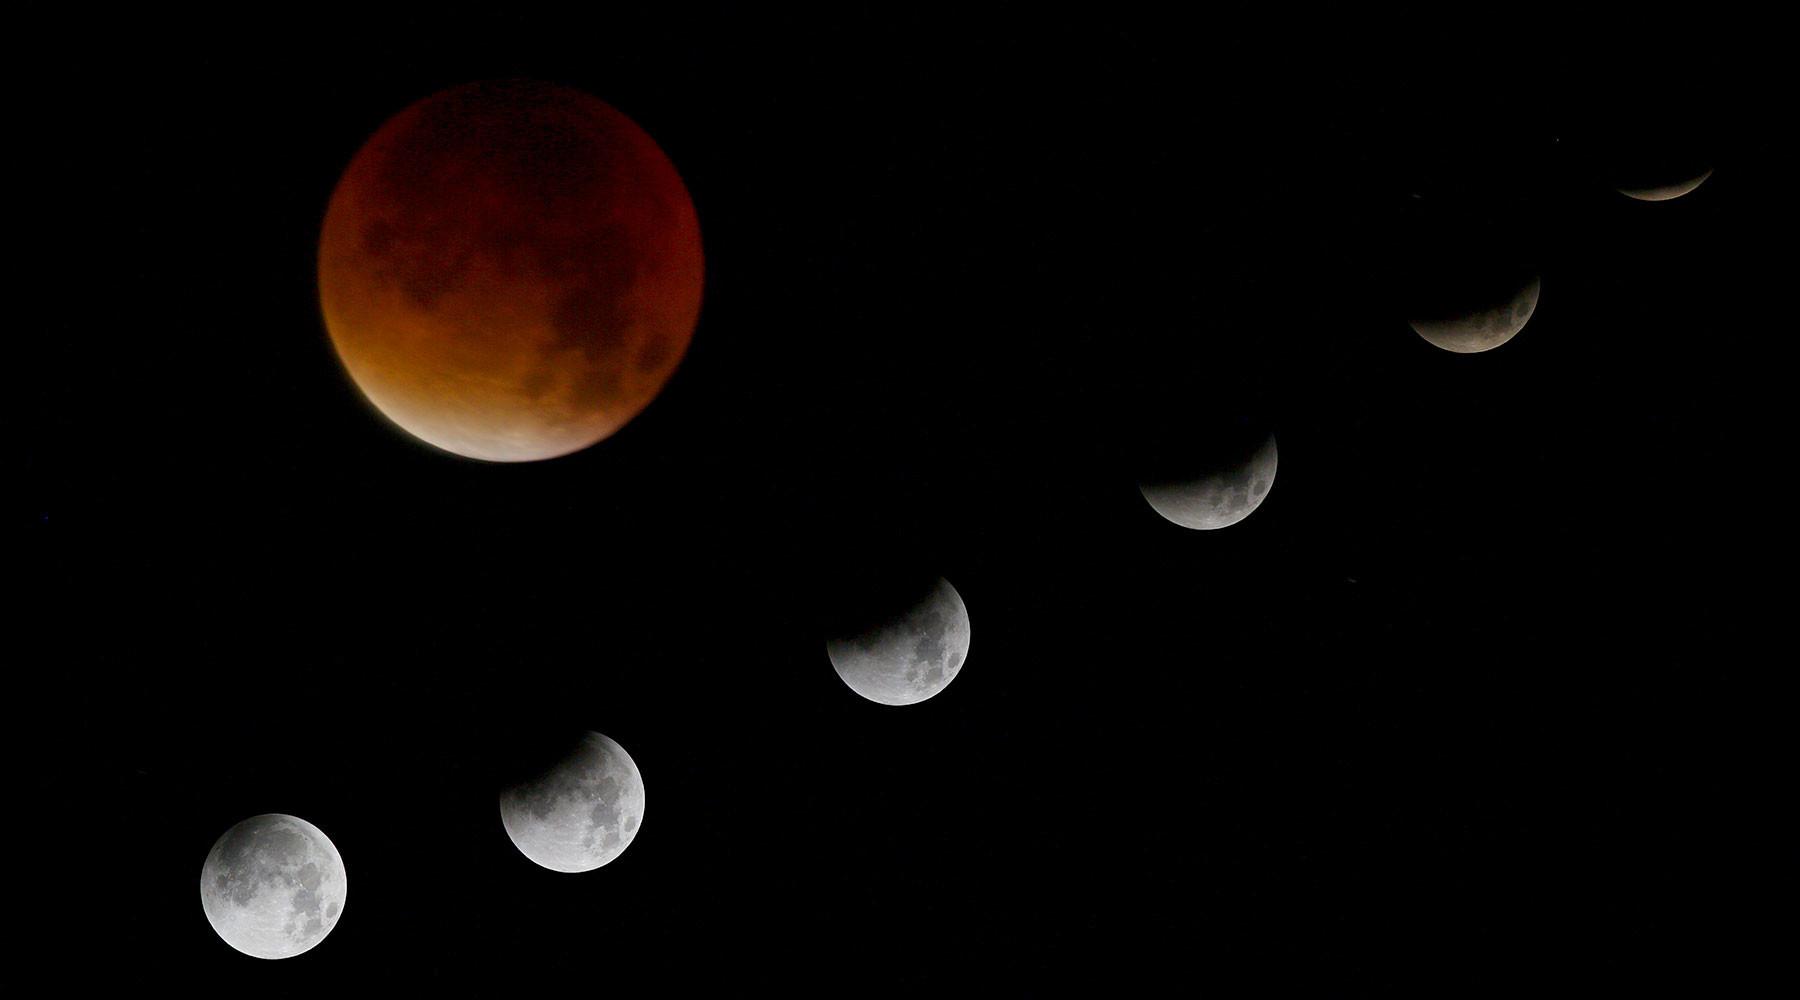 где и как посмотреть лунное затмение 7 августа»